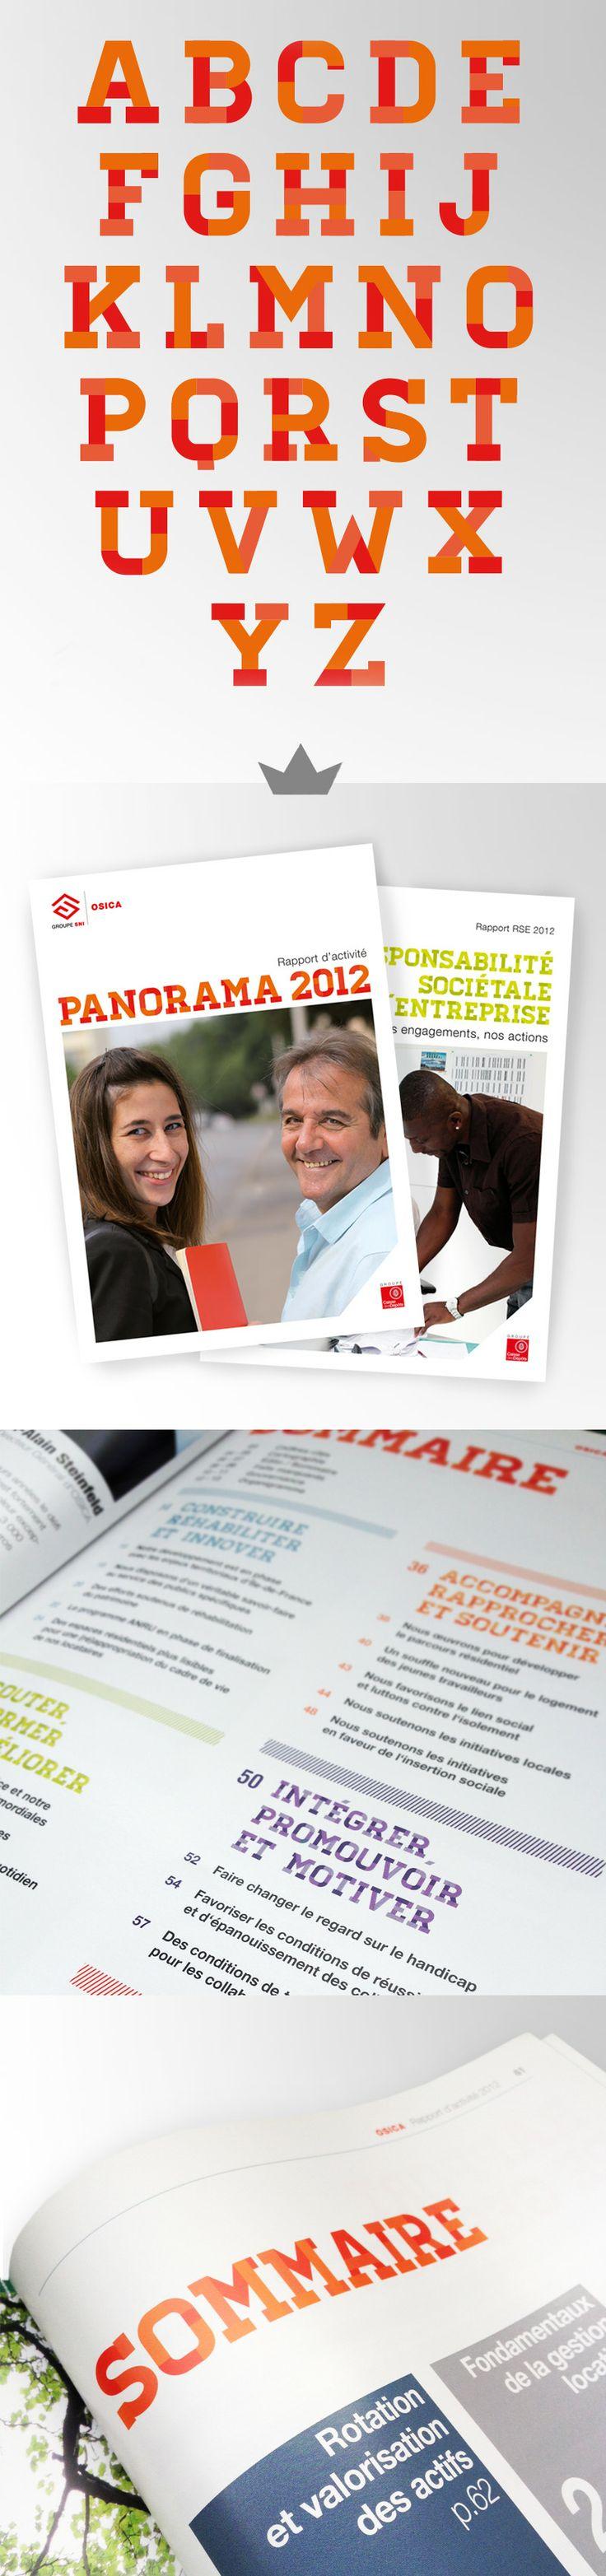 Création d'une typographie pour le Rapport d'activité Panorama 2012 (Groupe SNI / Osica / Caisse des Dépôts)